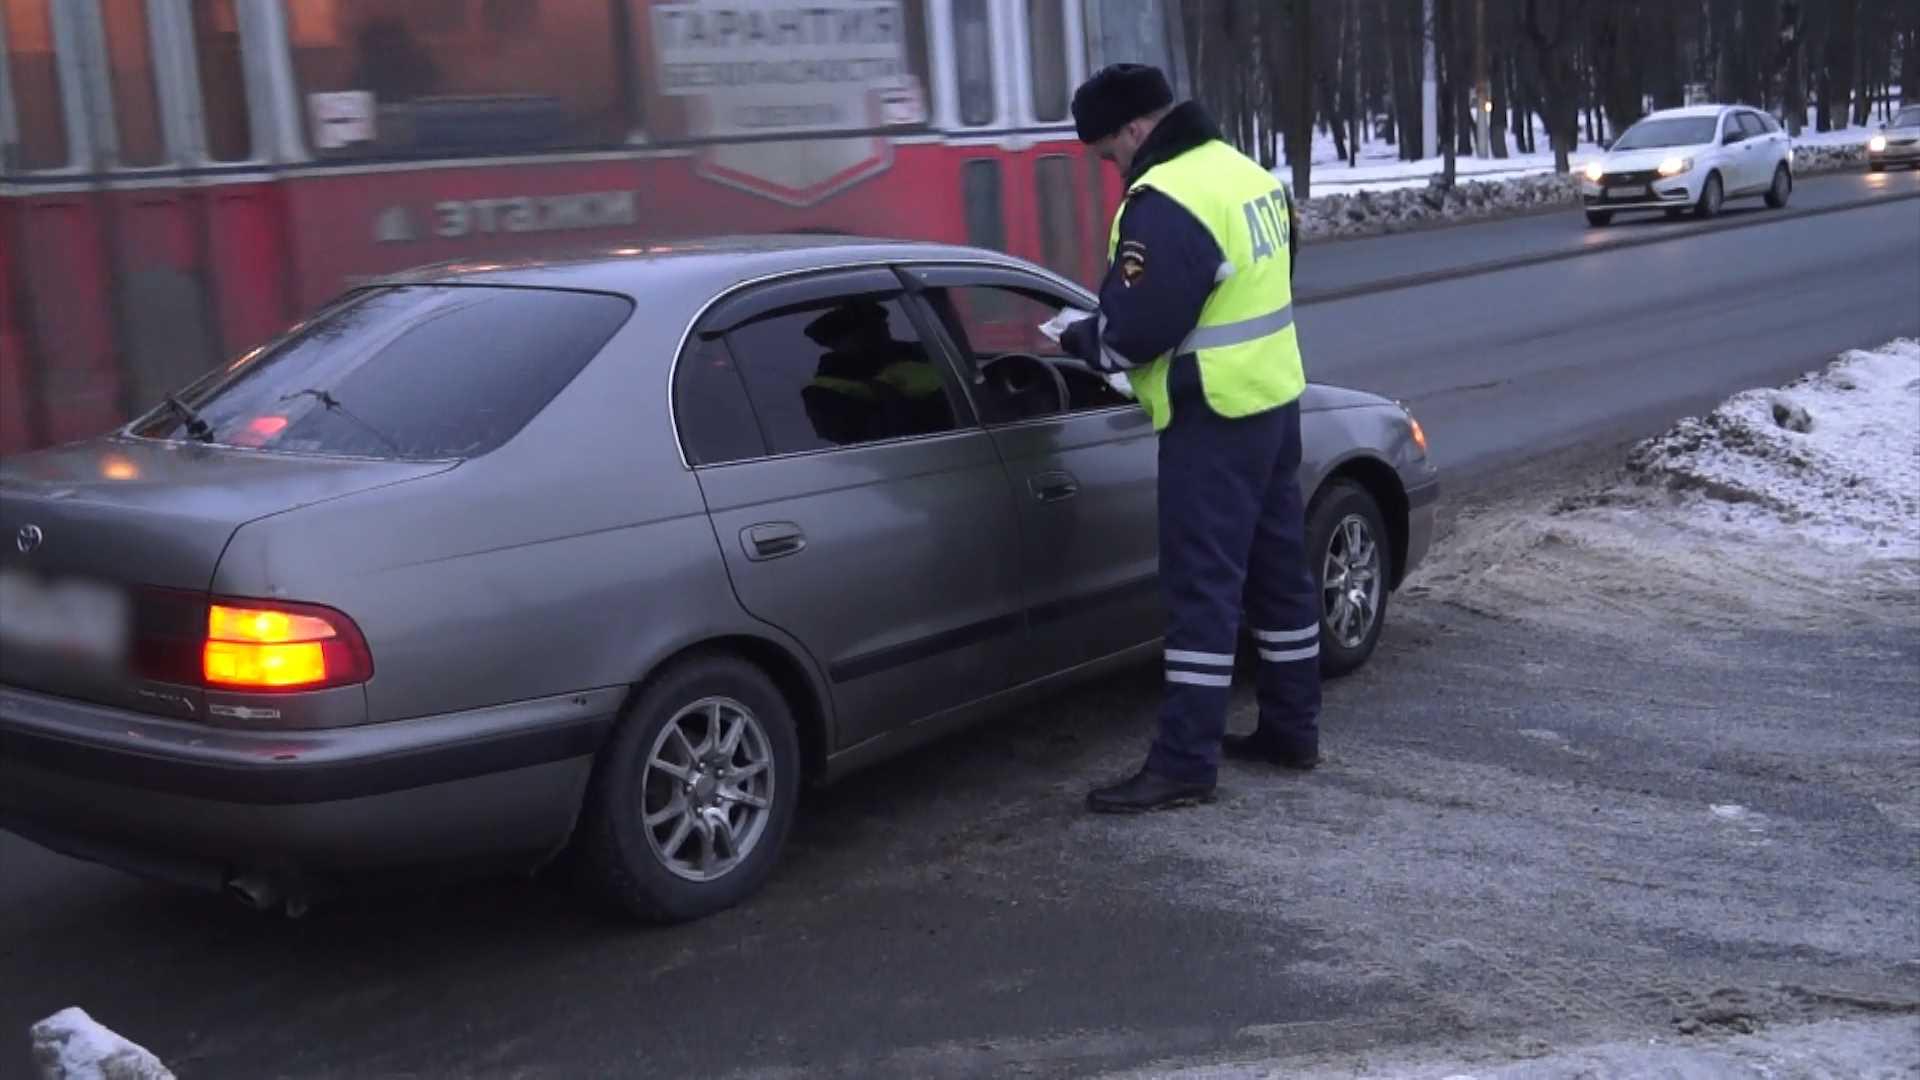 Итоги ДТП за год: на костромских дорогах стало меньше раненых и погибших